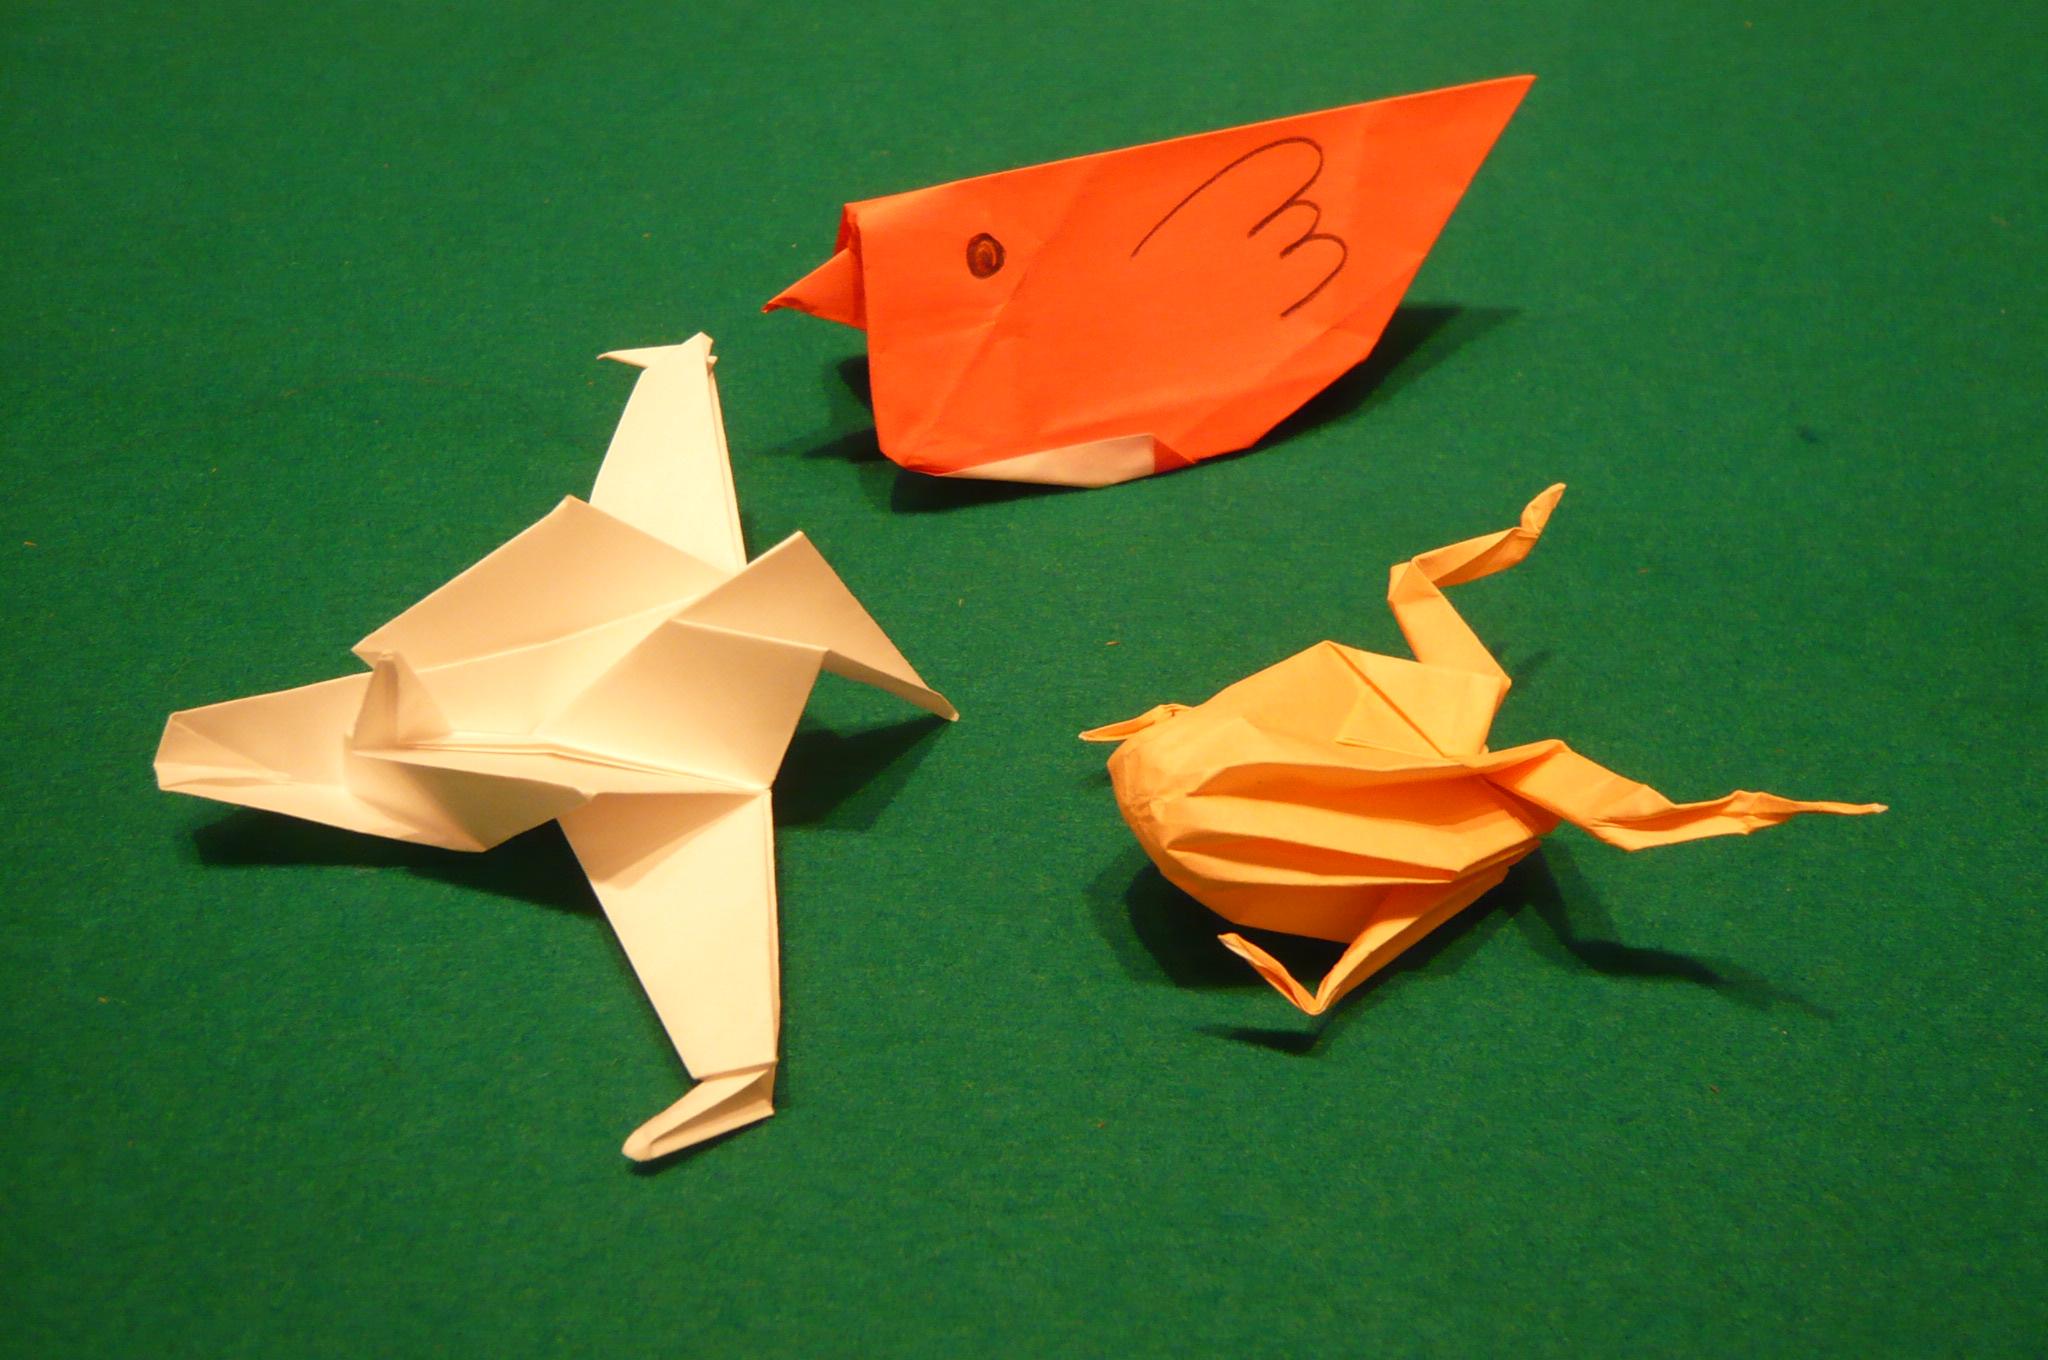 すべての折り紙 大人の折り紙 花 : ... 折り紙、塗り絵、卓球、輪投げ